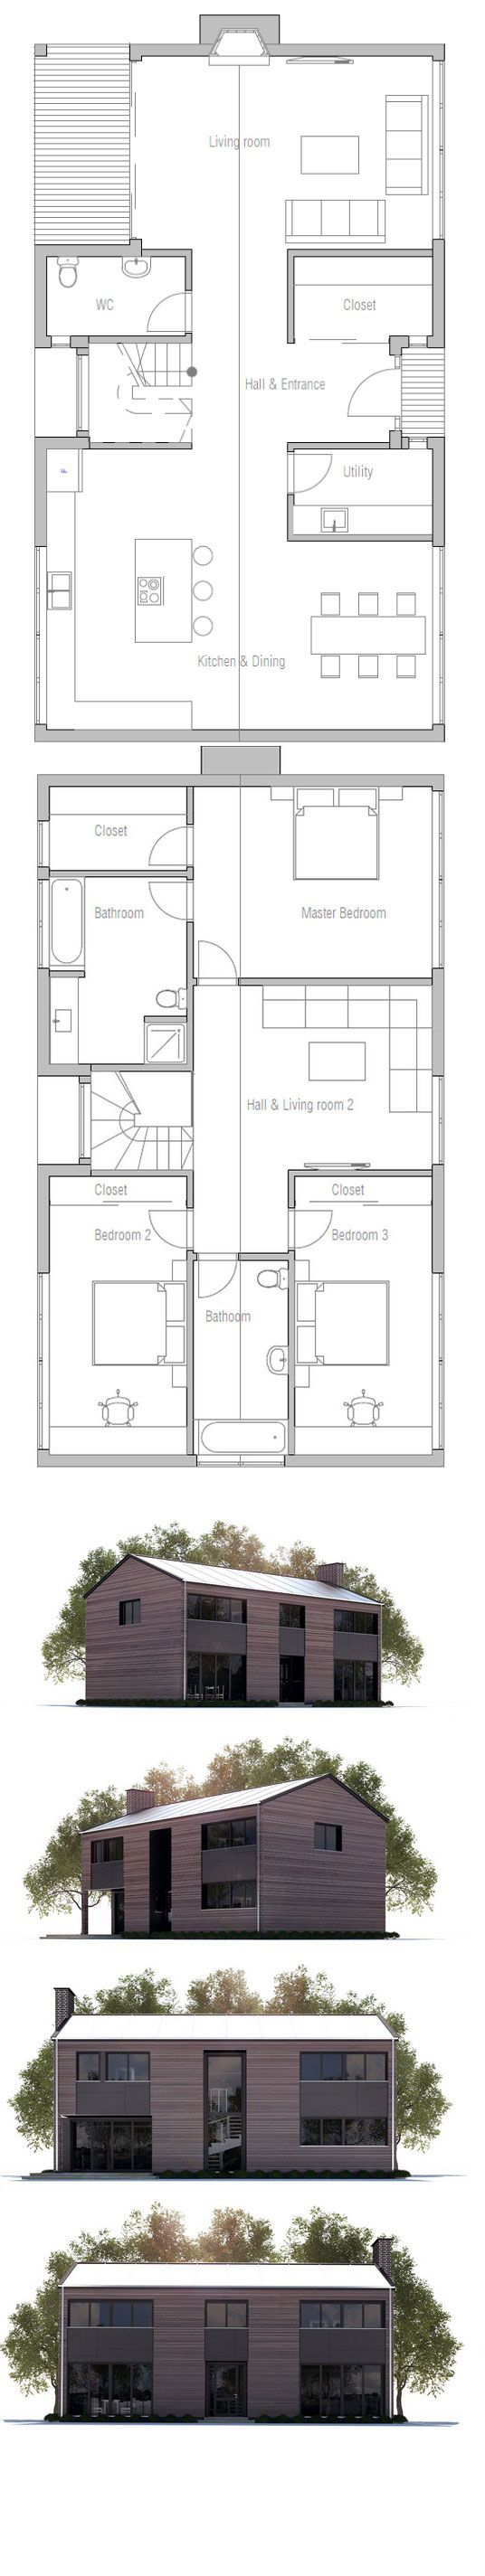 Floor Plan - esszimmer/küche und Wohnzimmer toll getrennt | Haus ...